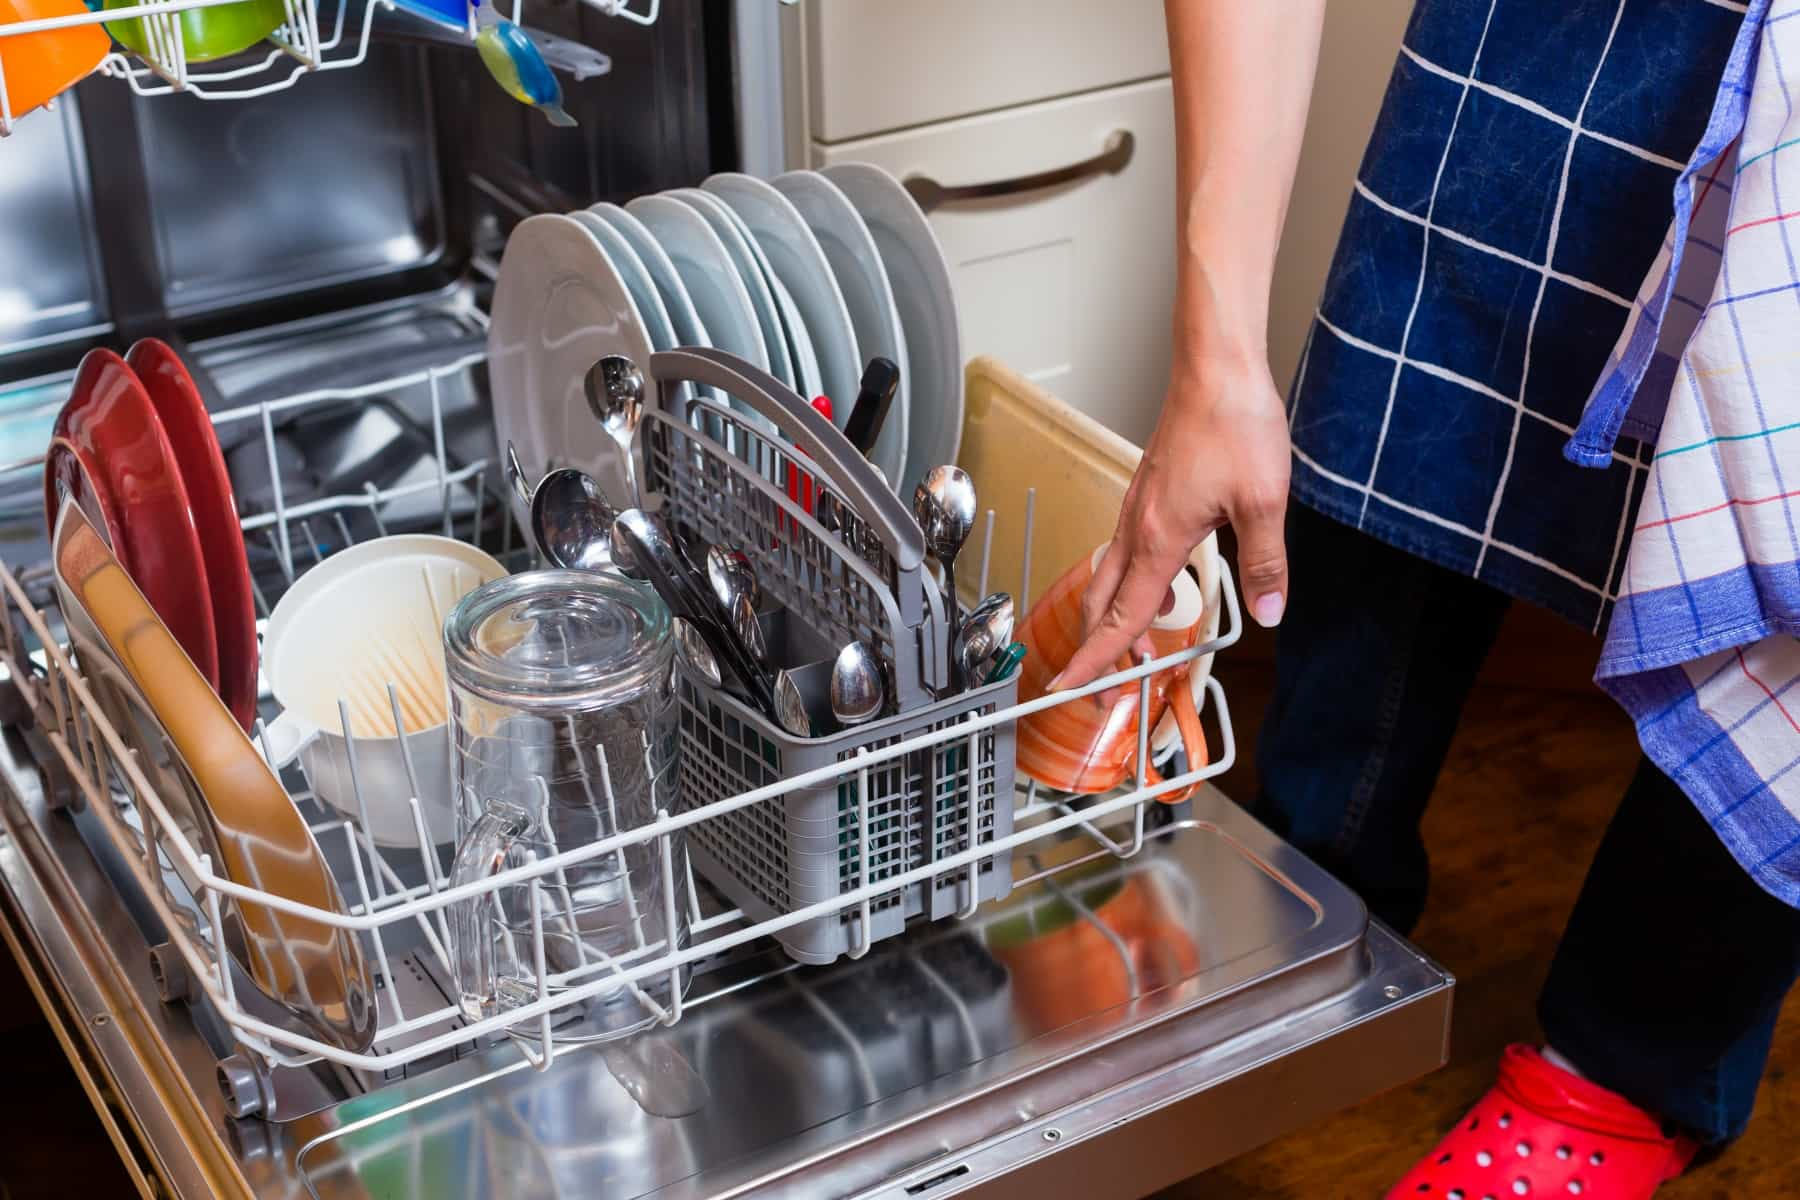 правильная эксплуатация посудомойки